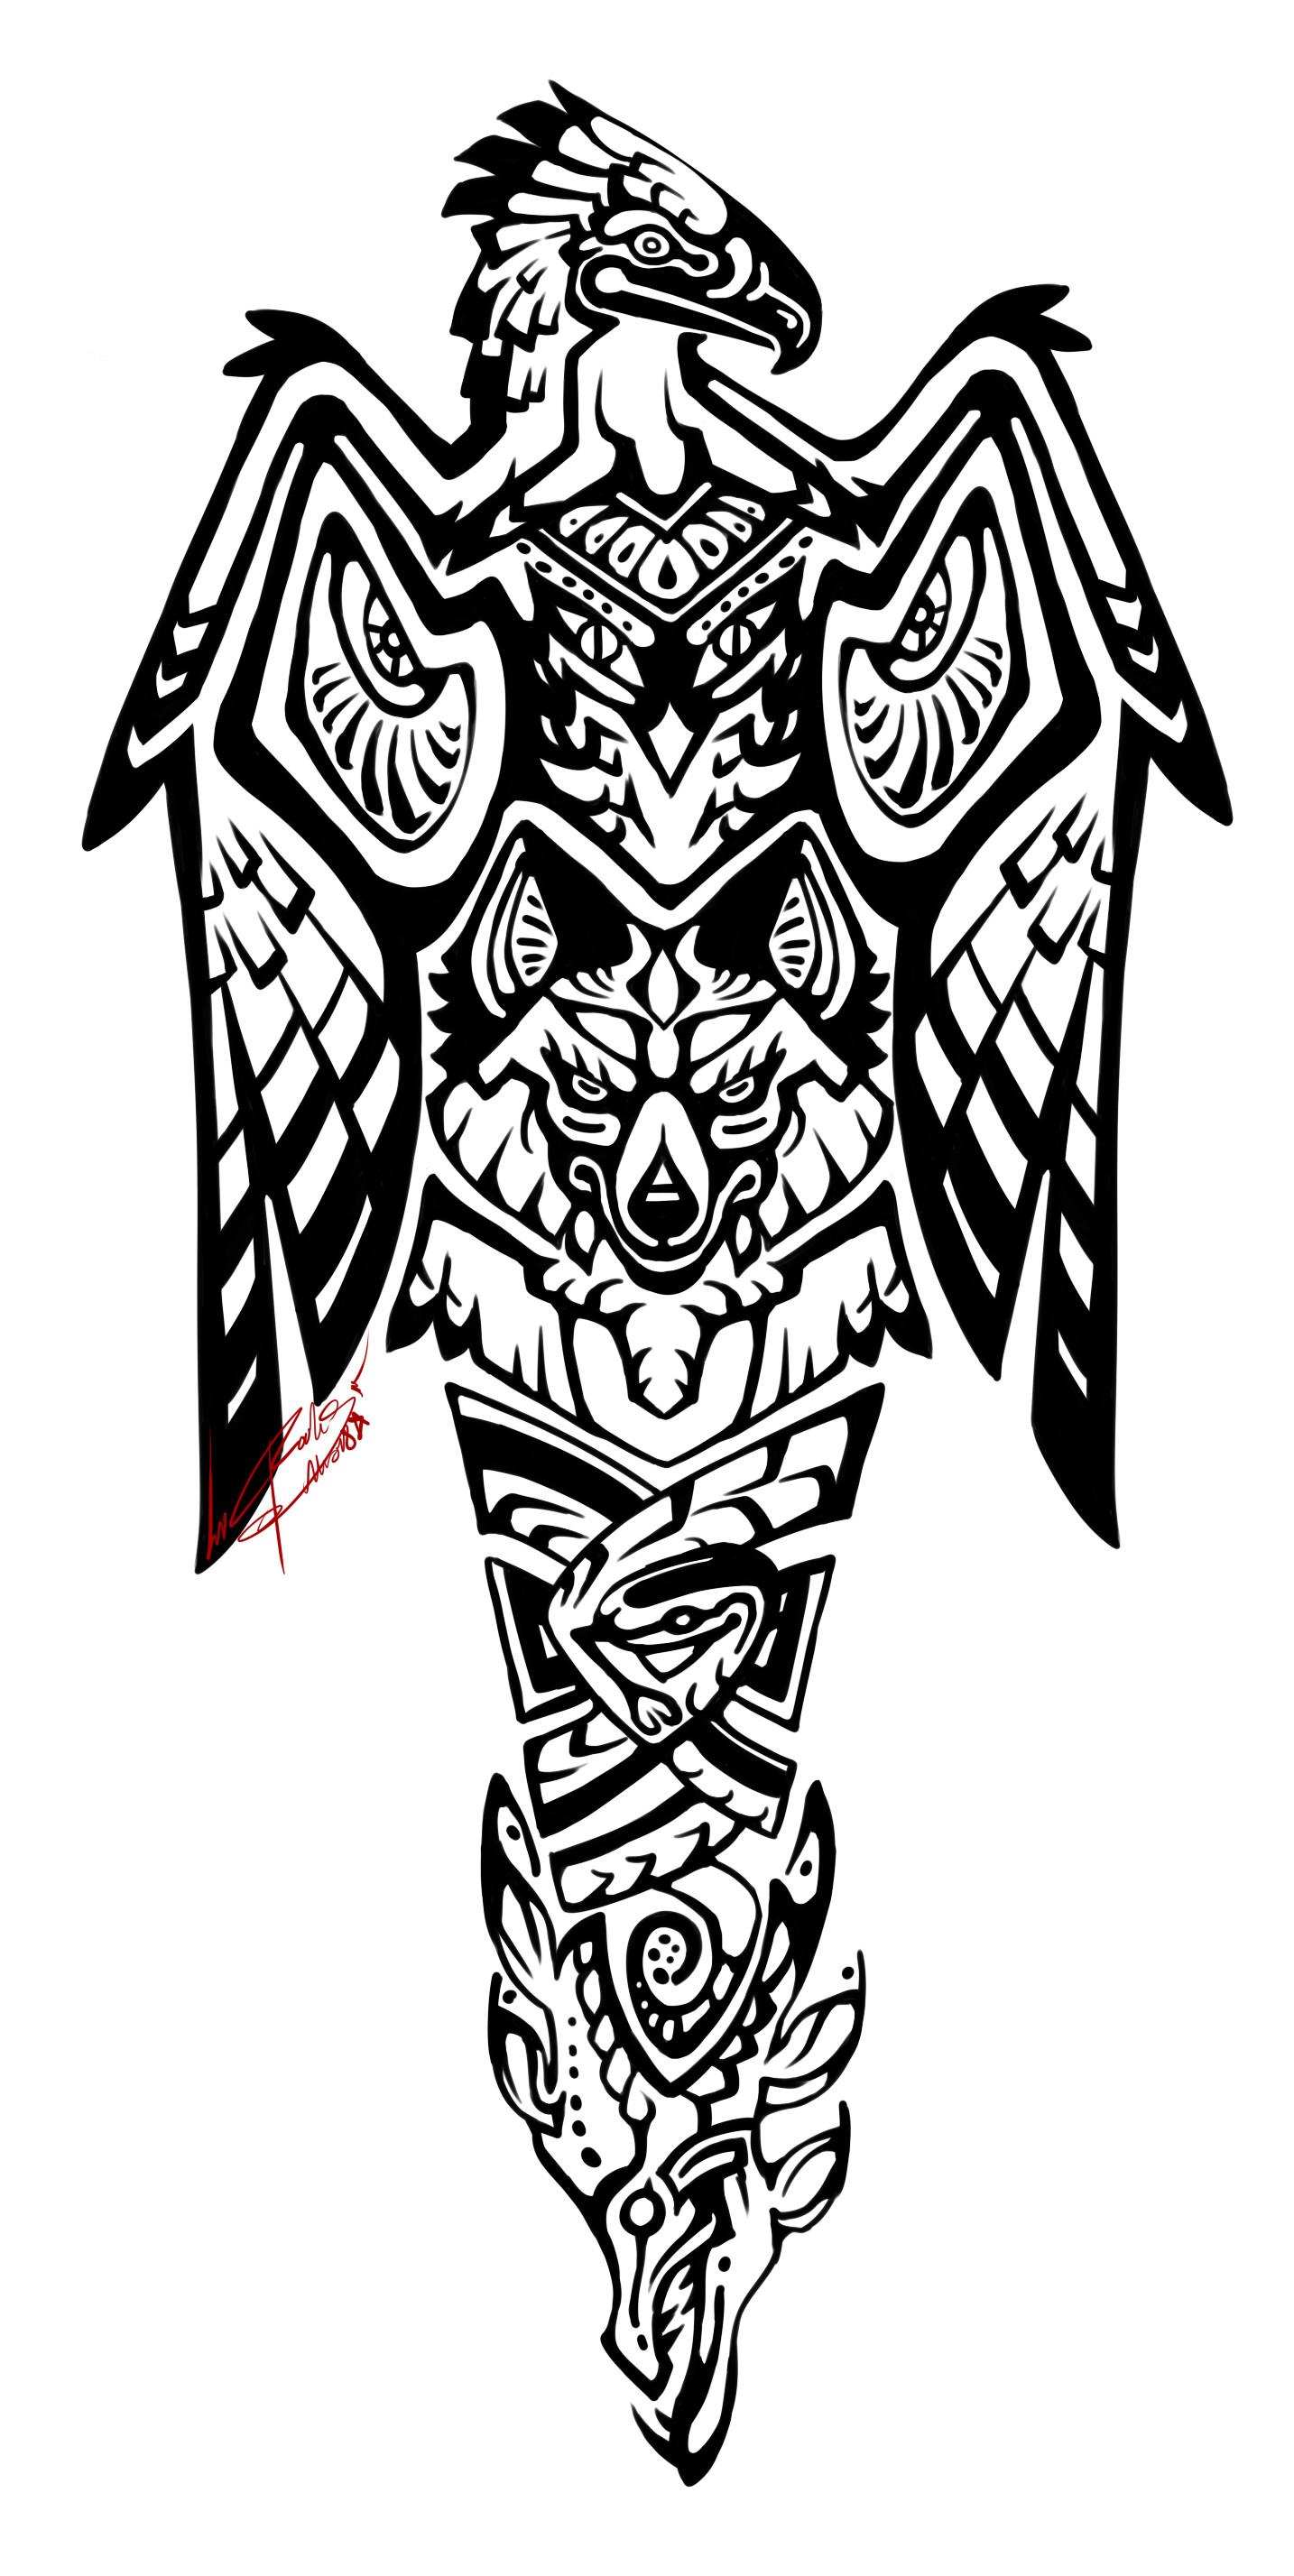 Rookshock Moore Totem Pole Tattoo